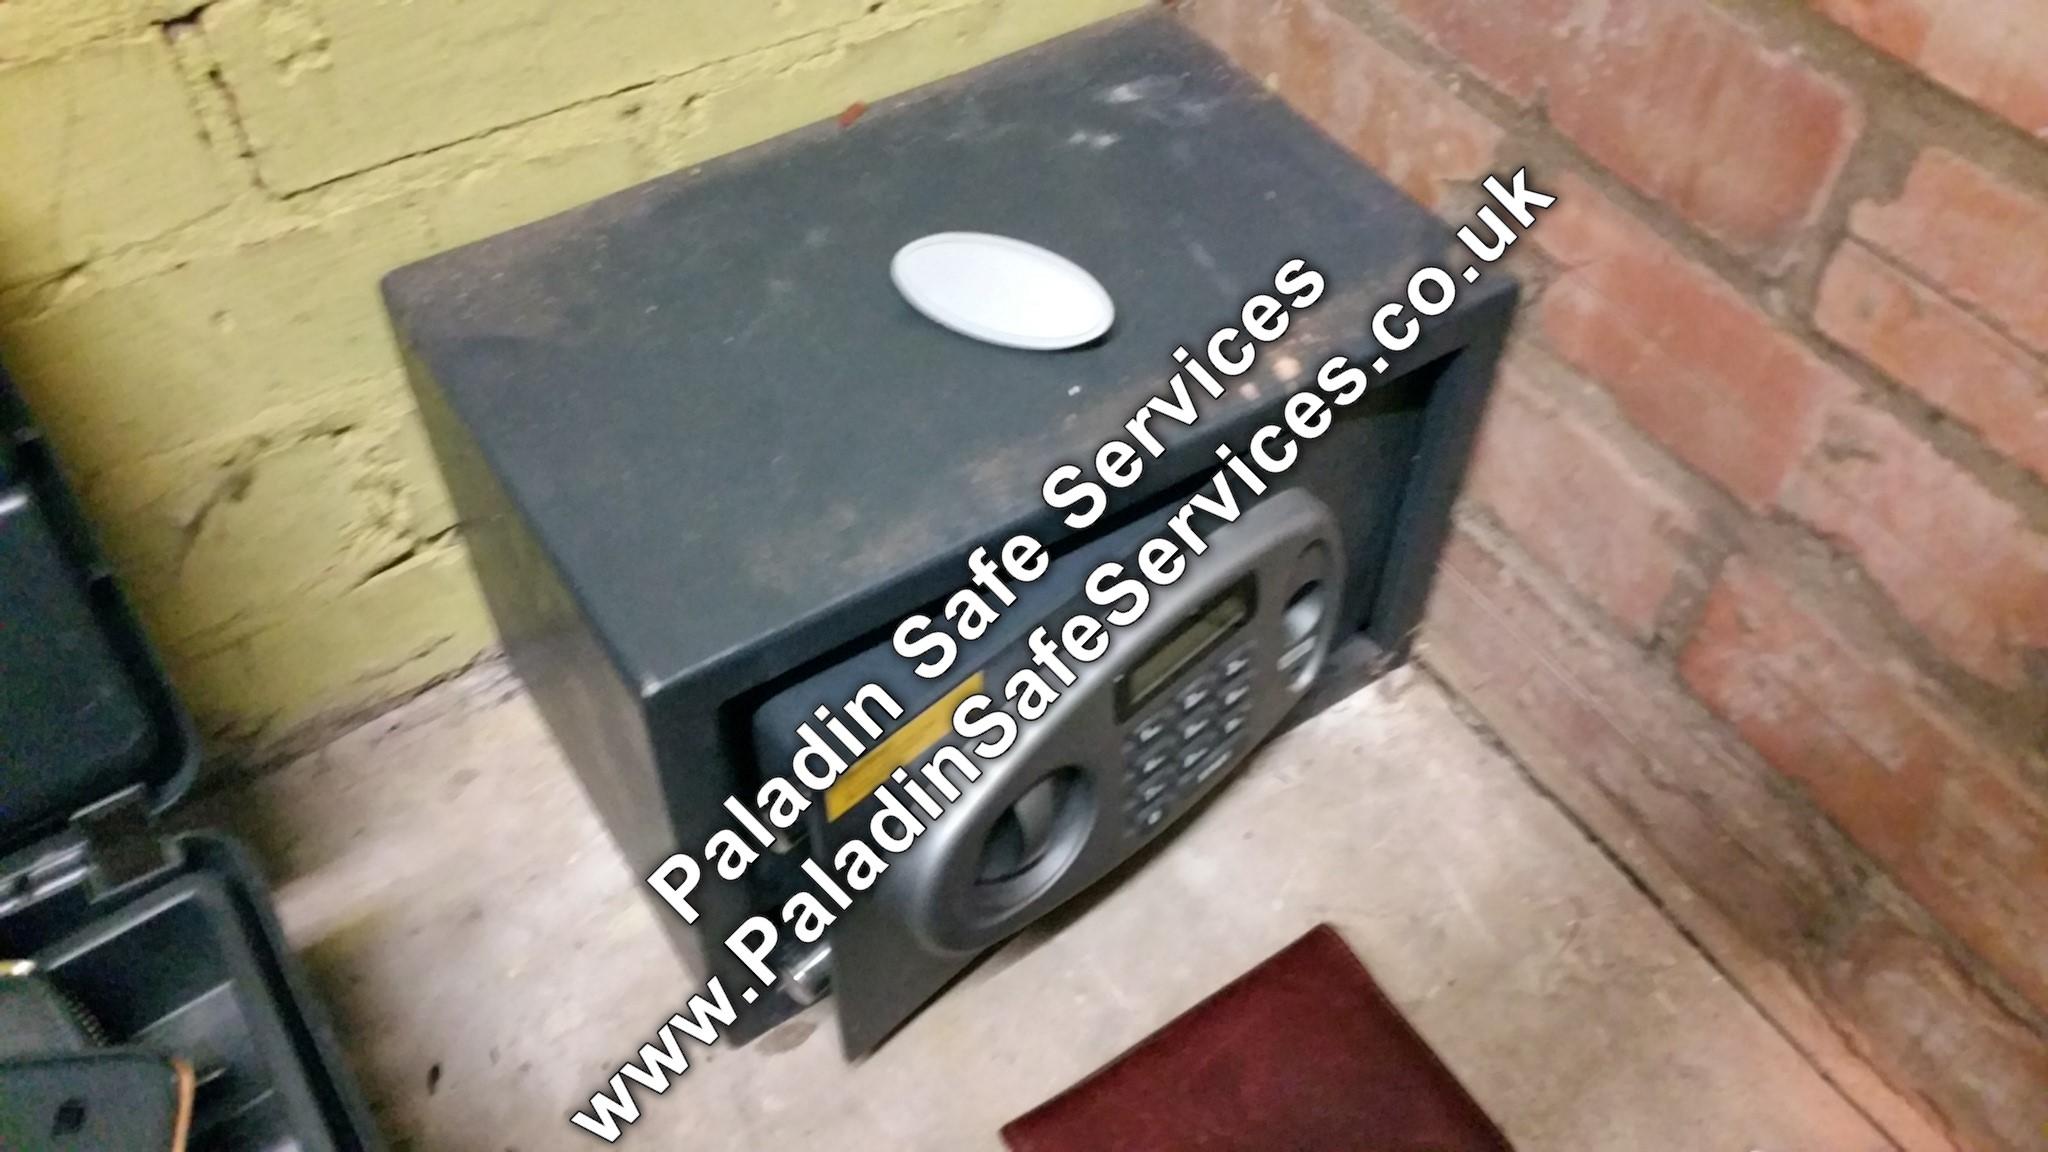 B&Q Digital Safe Lost Key - Paladin Safe Services